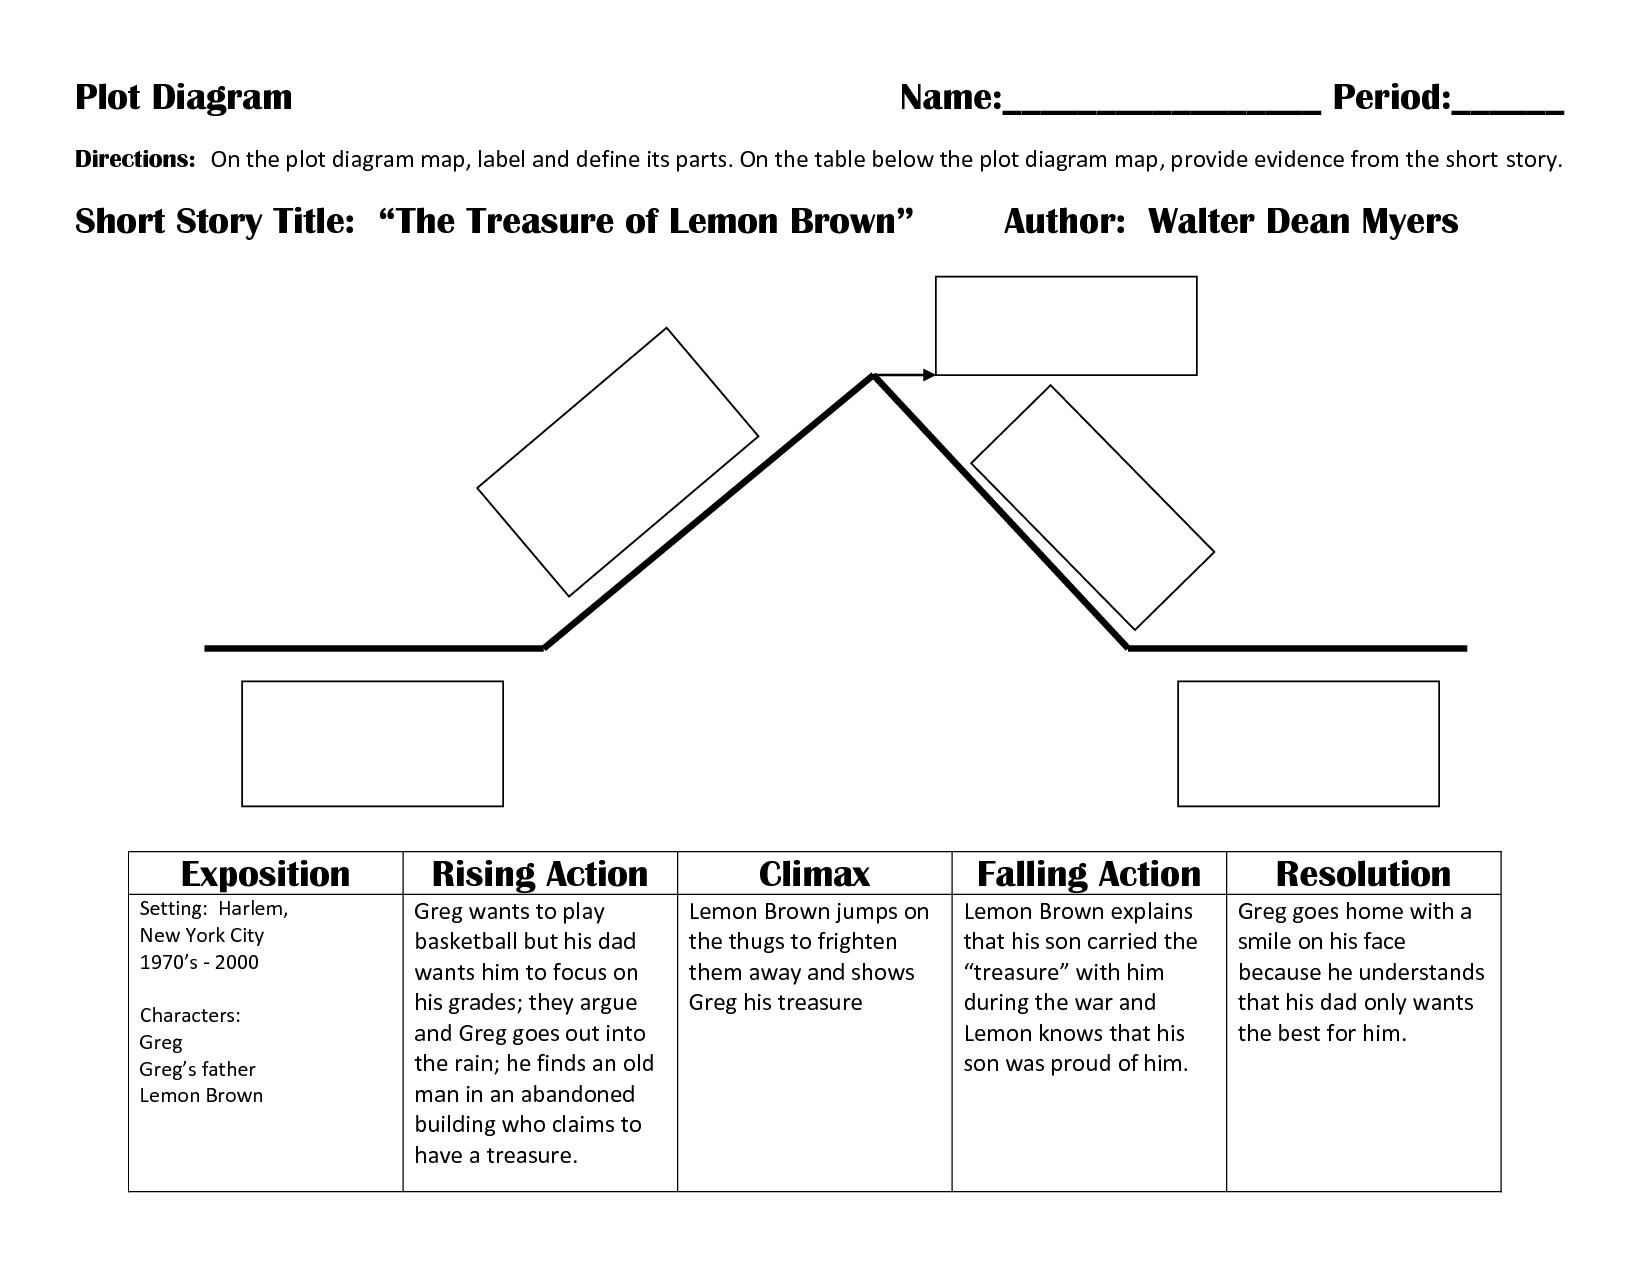 short story plot diagram terms 1990 jeep wrangler dash wiring the treasure of lemon brown bing images